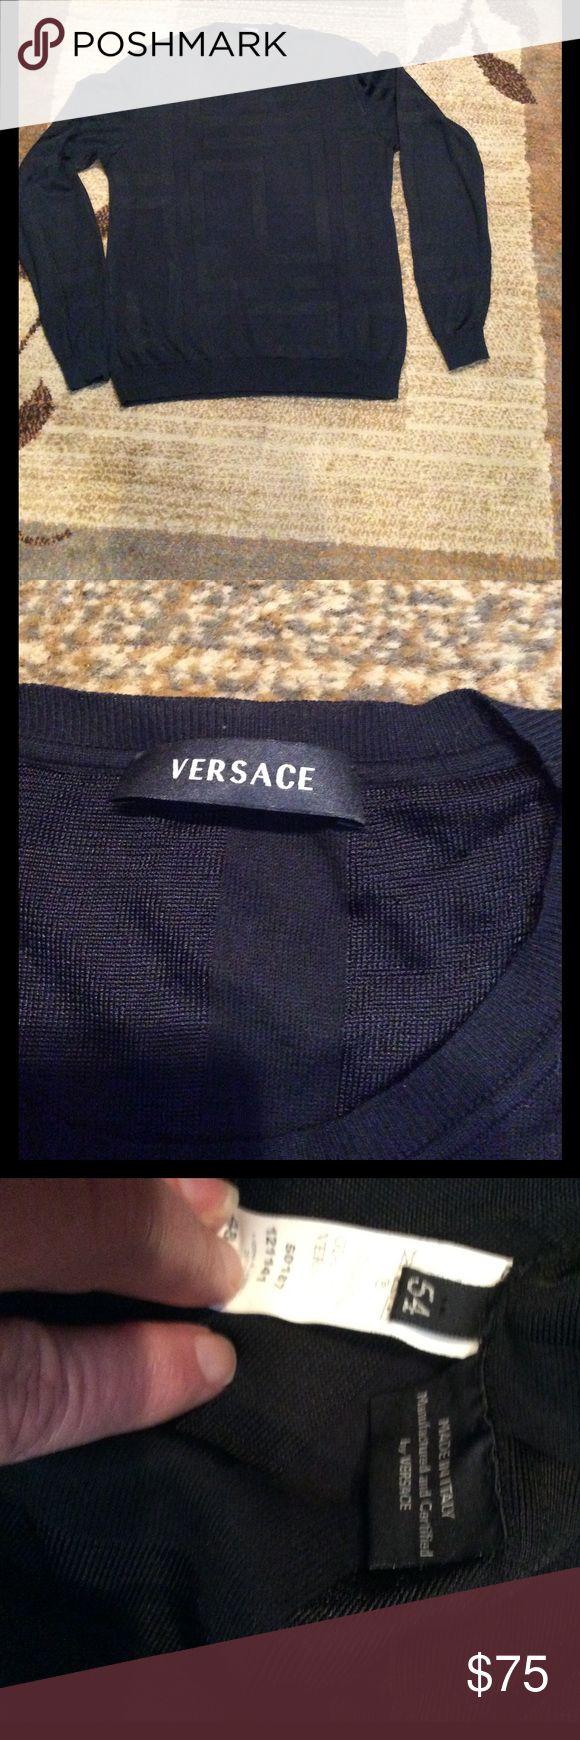 Men's Versace sweater Men's silk Versace sweater, navy blue, gently worn Versace Sweaters Crewneck